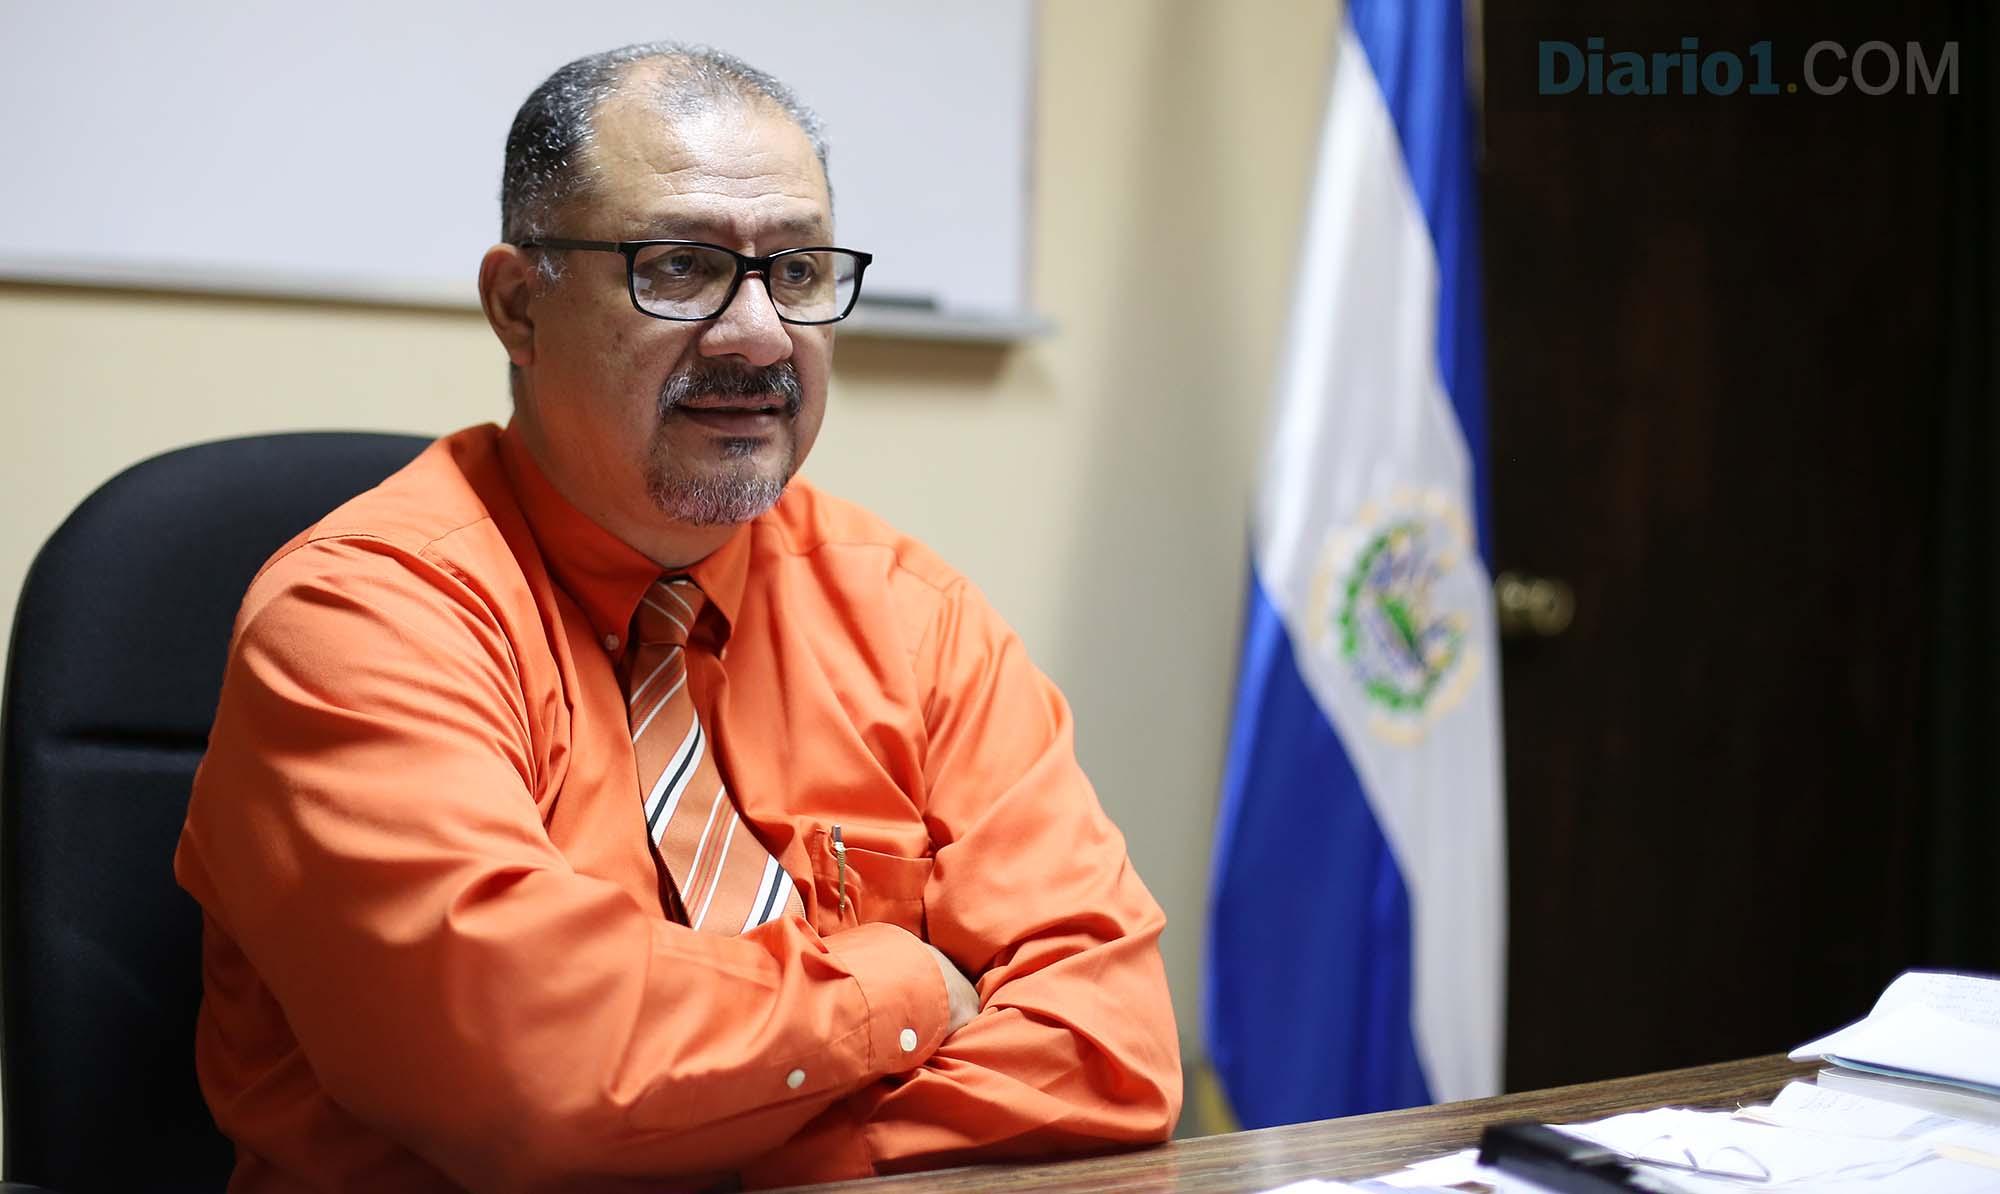 Sergio Mejía, director del Instituto Nacional Francisco Menéndez (INFRAMEN). Foto D1: Nelson Dueñas